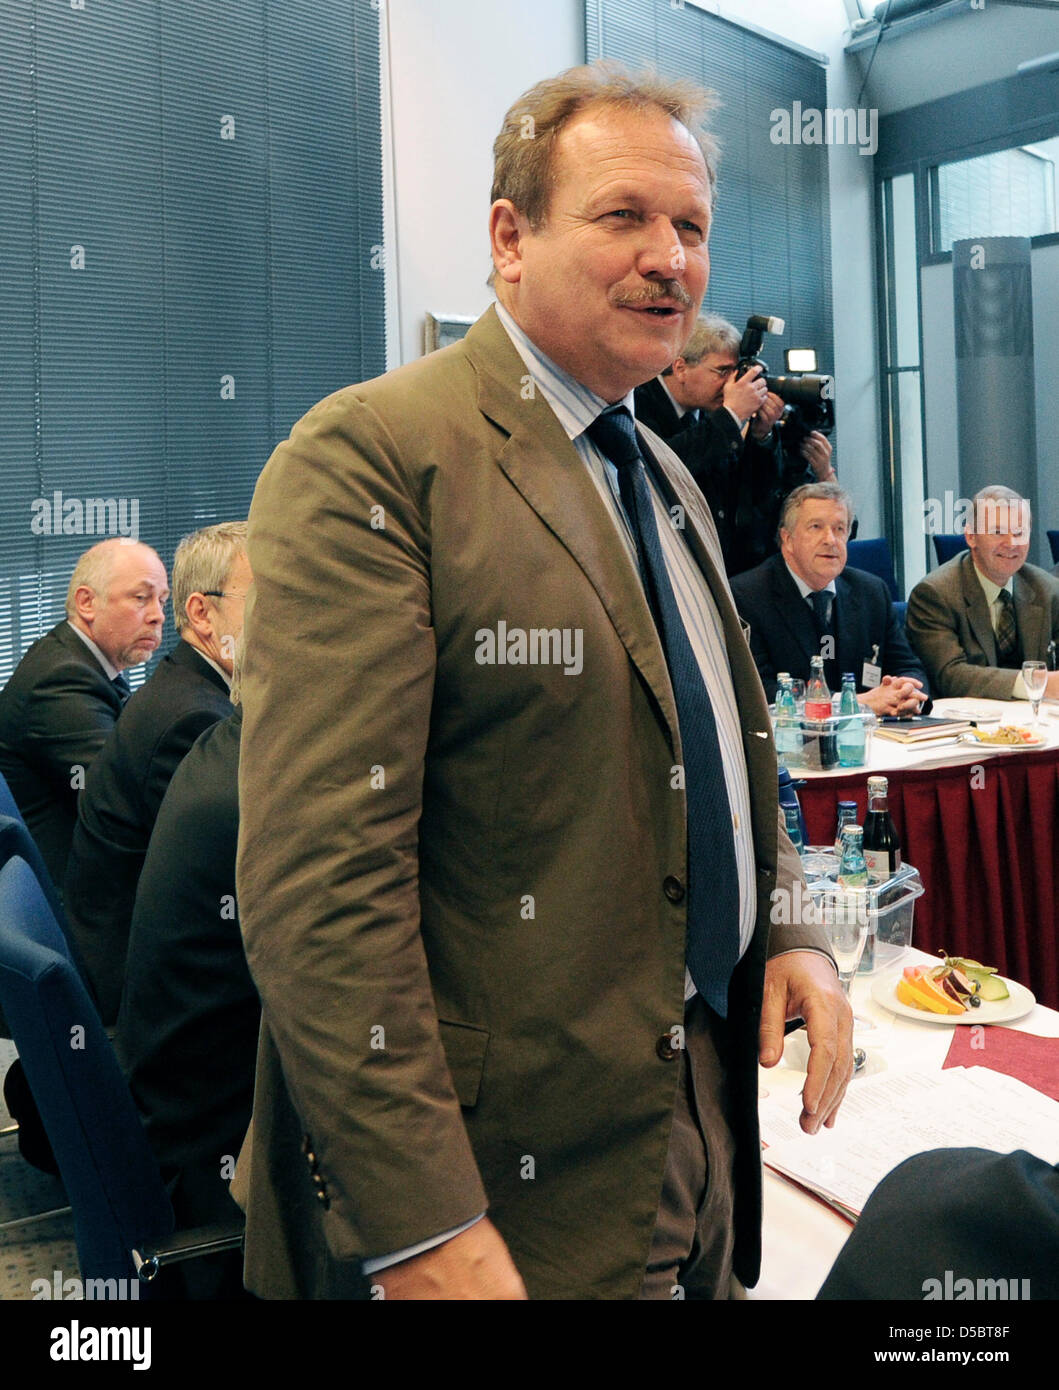 Der Chef der Stadtwerke Gewerkschaft Ver.di, Frank Bsirske